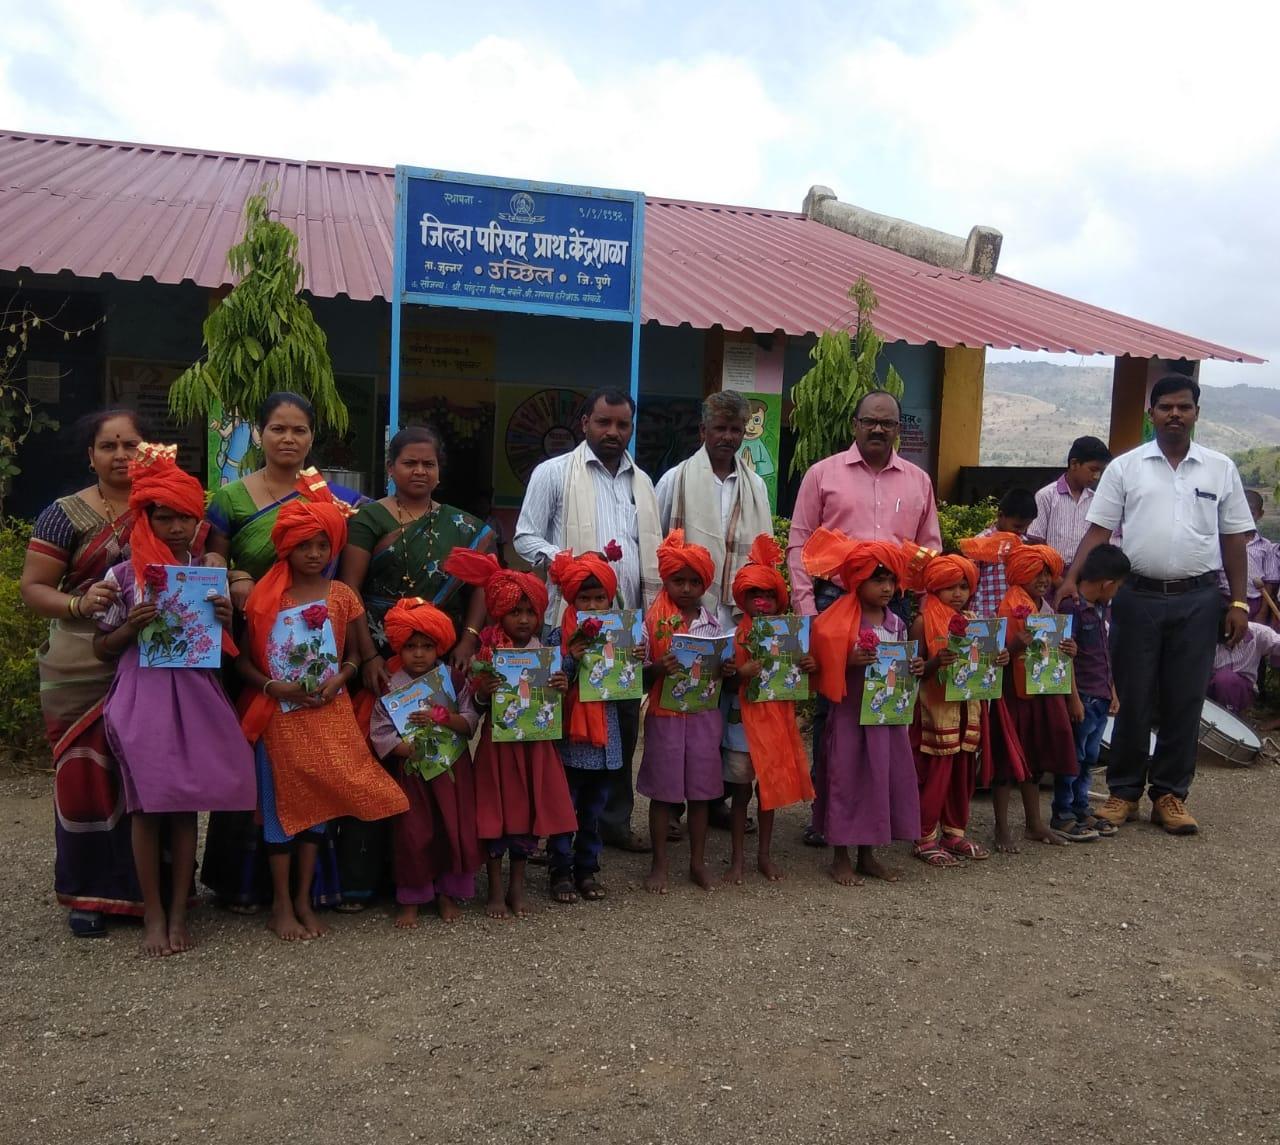 जिल्हा परिषद प्राथमिक शाळा उच्छिल शाळेने पारंपारिक पद्धतीने केले नवागतांचे स्वागत